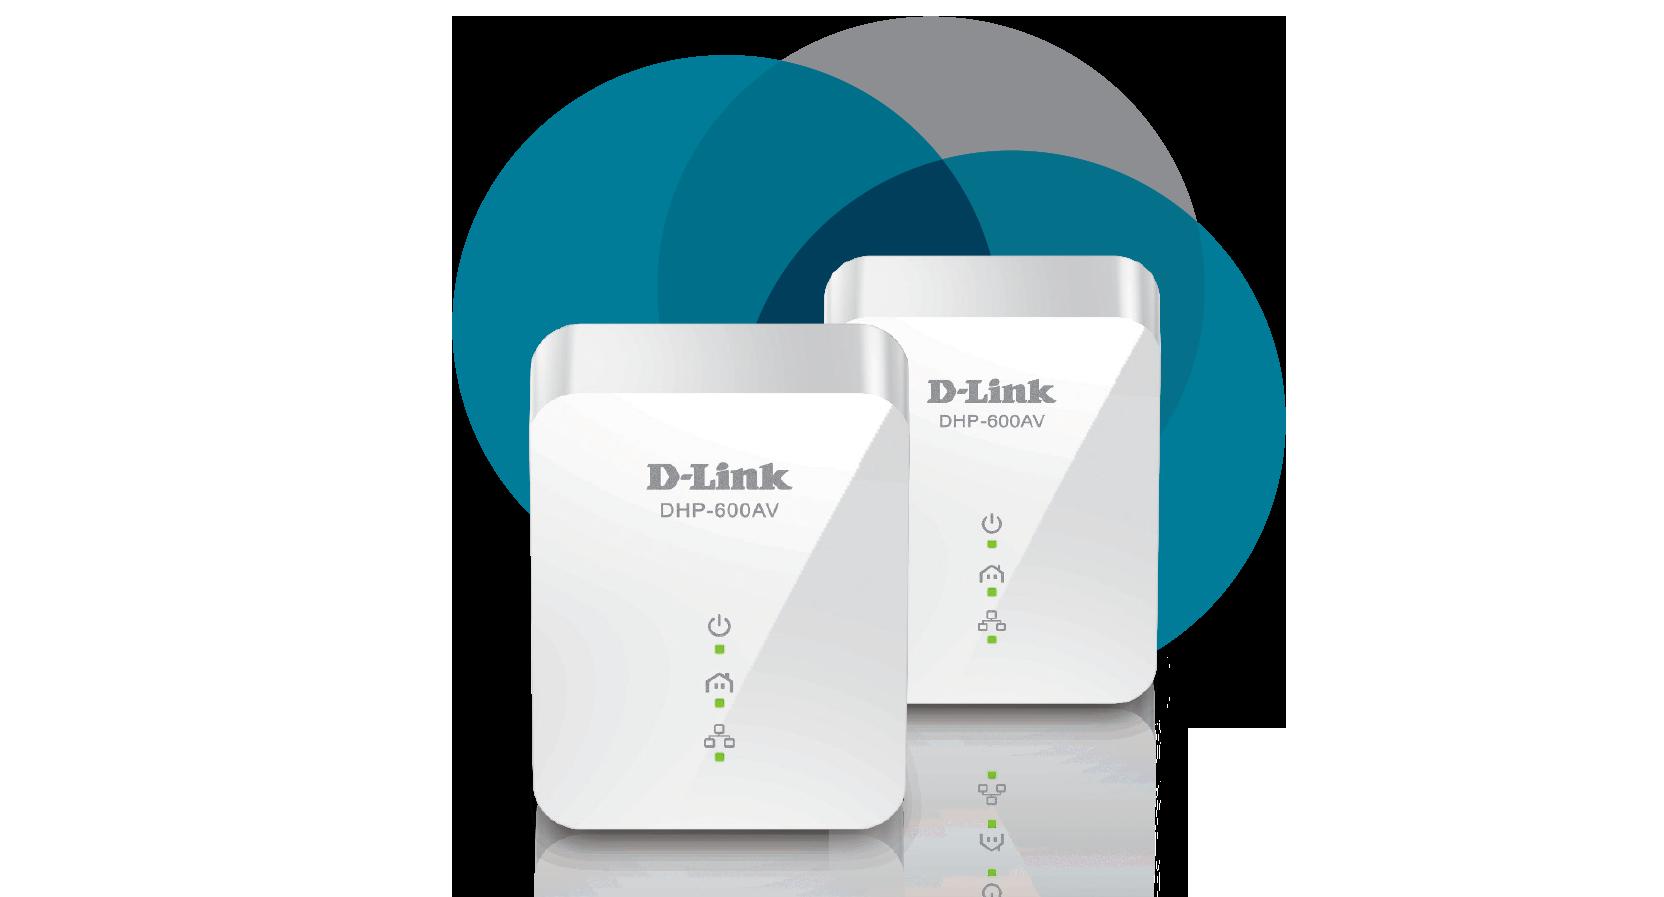 PowerLine AV1000 Gigabit Starter Kit (DHP-601AV) | D-Link